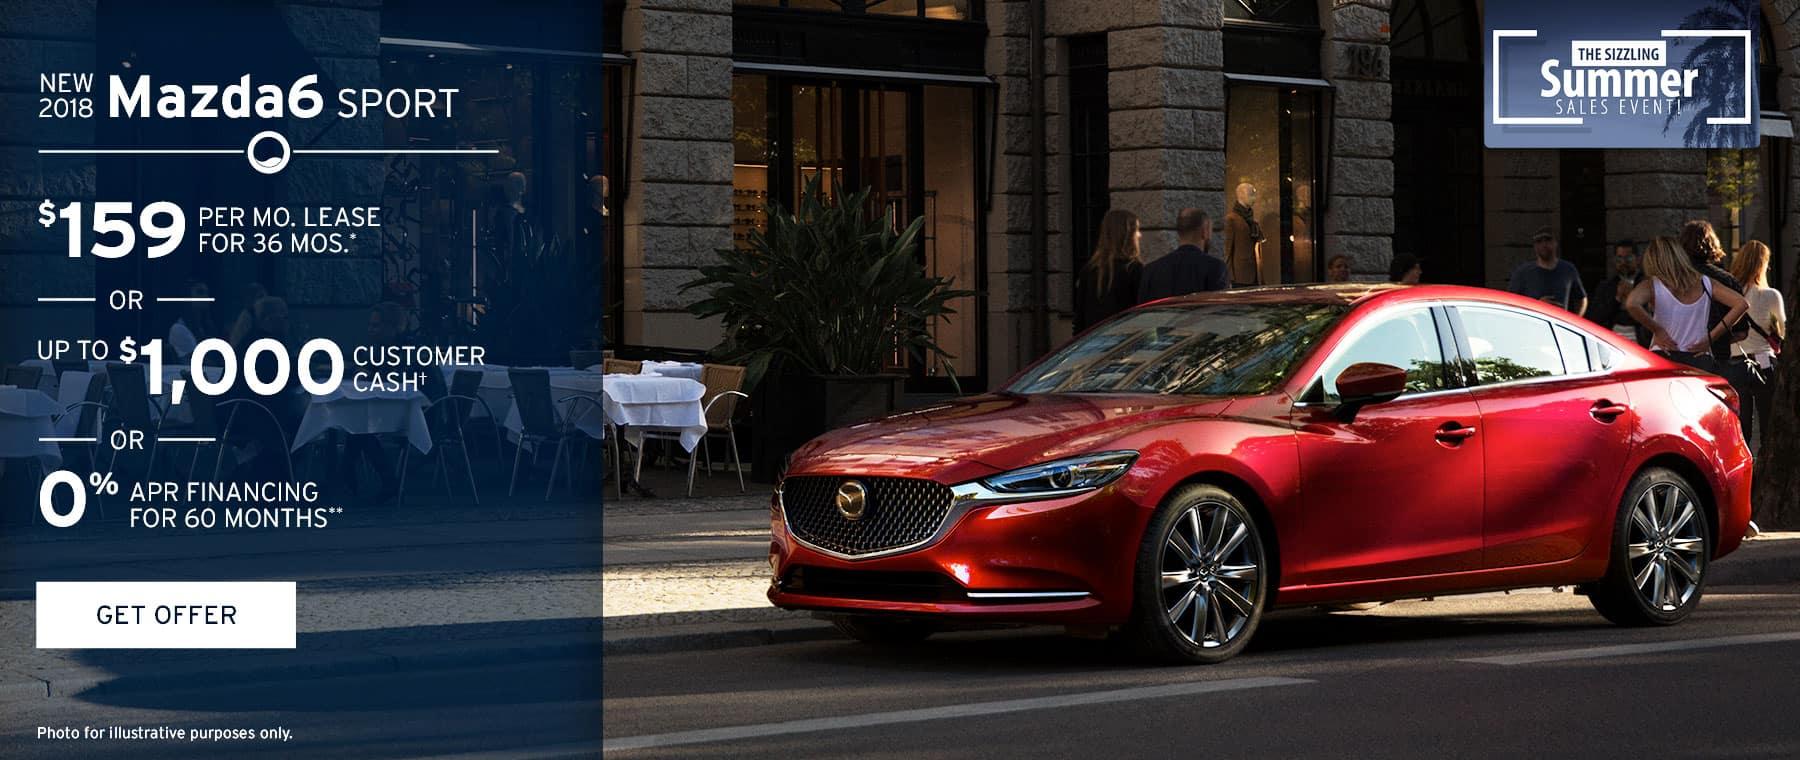 Mazda Dealer Miami, Doral, Hialeah FL | Ocean Mazda